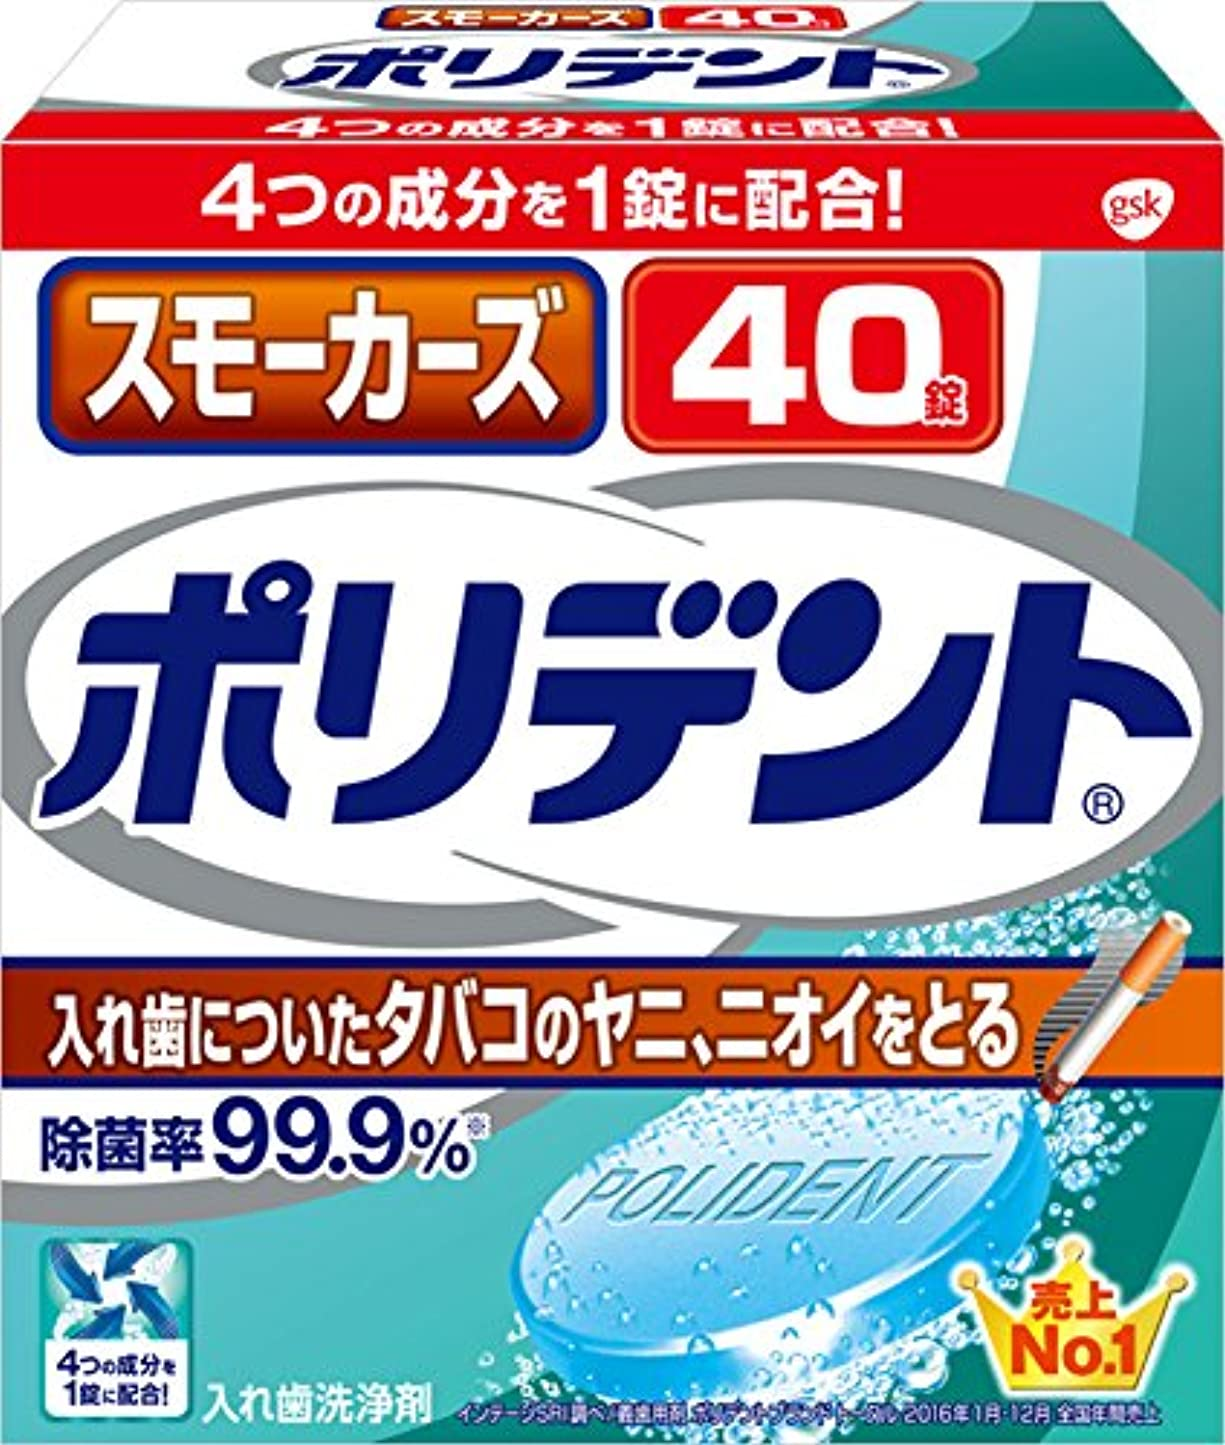 洞察力シリンダー性差別入れ歯洗浄剤 スモーカーズ ポリデント 40錠